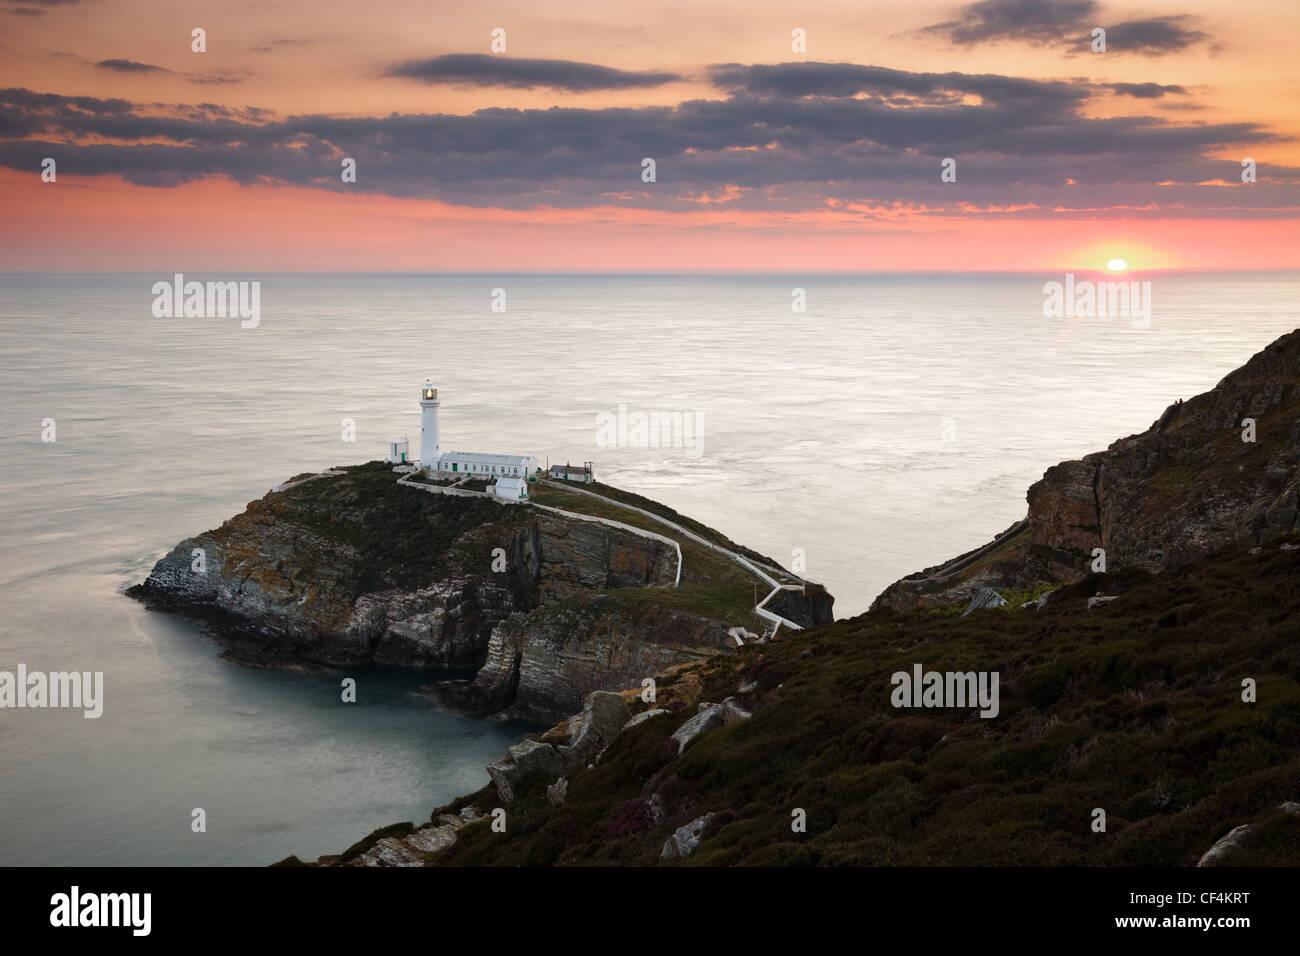 Le coucher de soleil sur l'horizon derrière phare de South Stack, un phare spectaculaire juste à côté Photo Stock